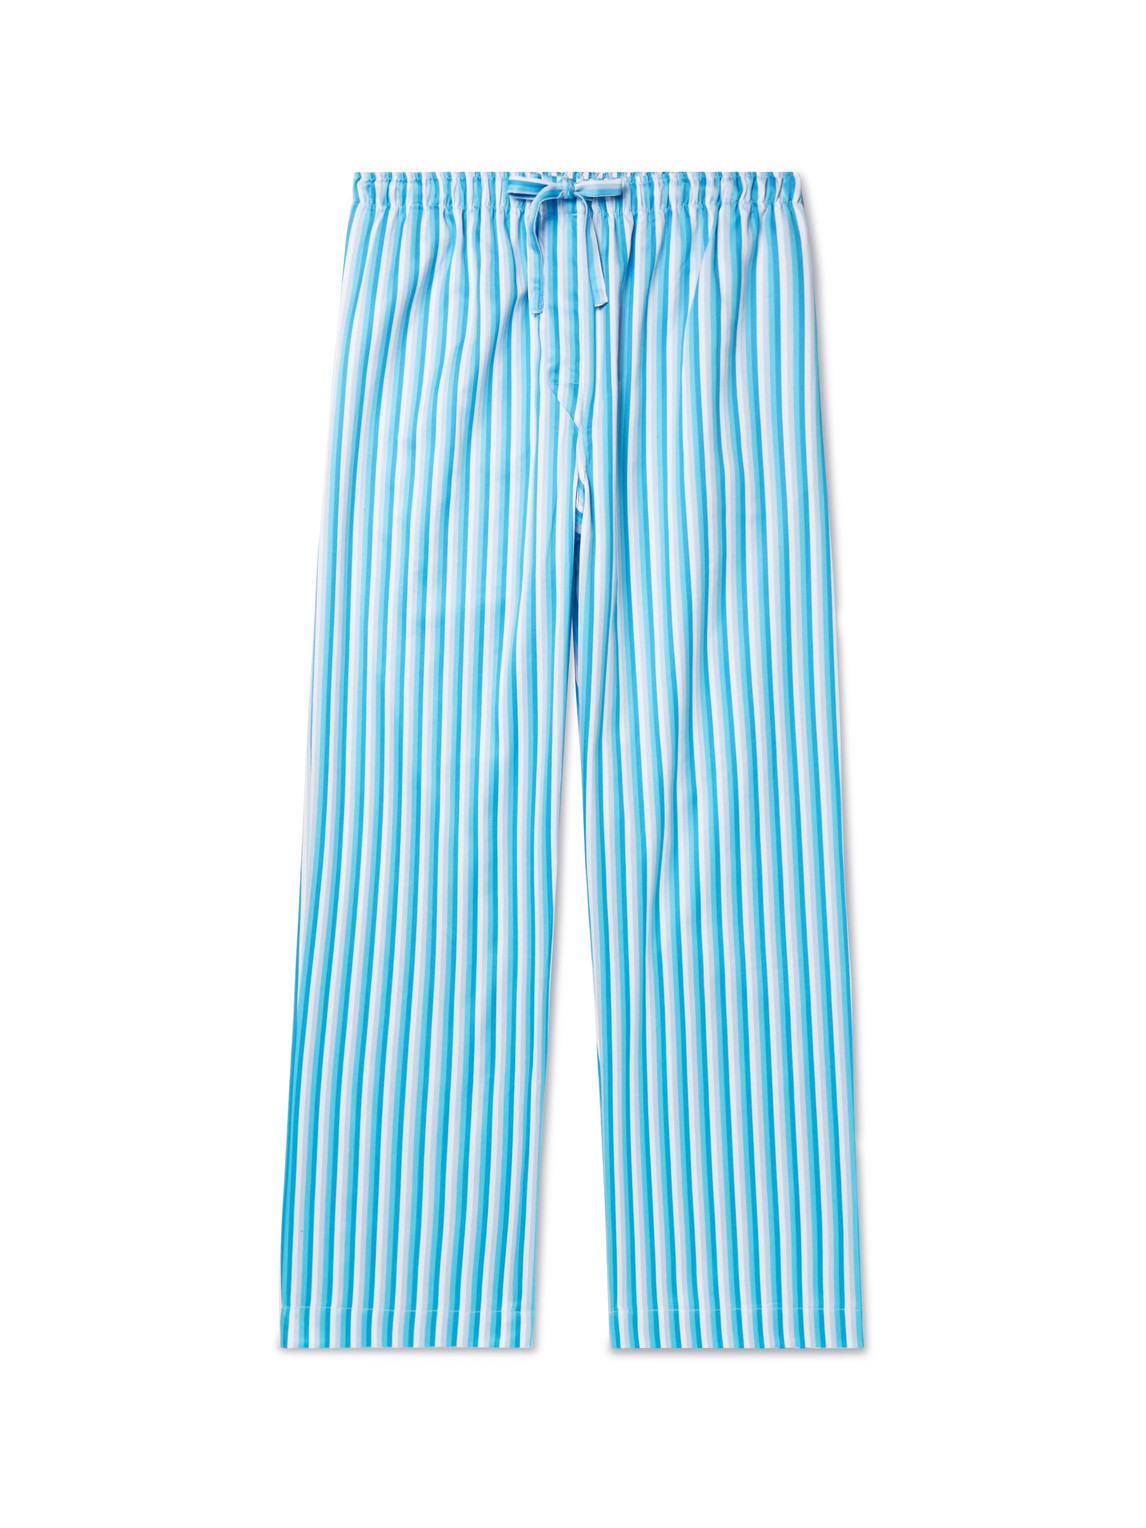 derek rose - striped cotton-poplin pyjama trousers - men - blue - xl